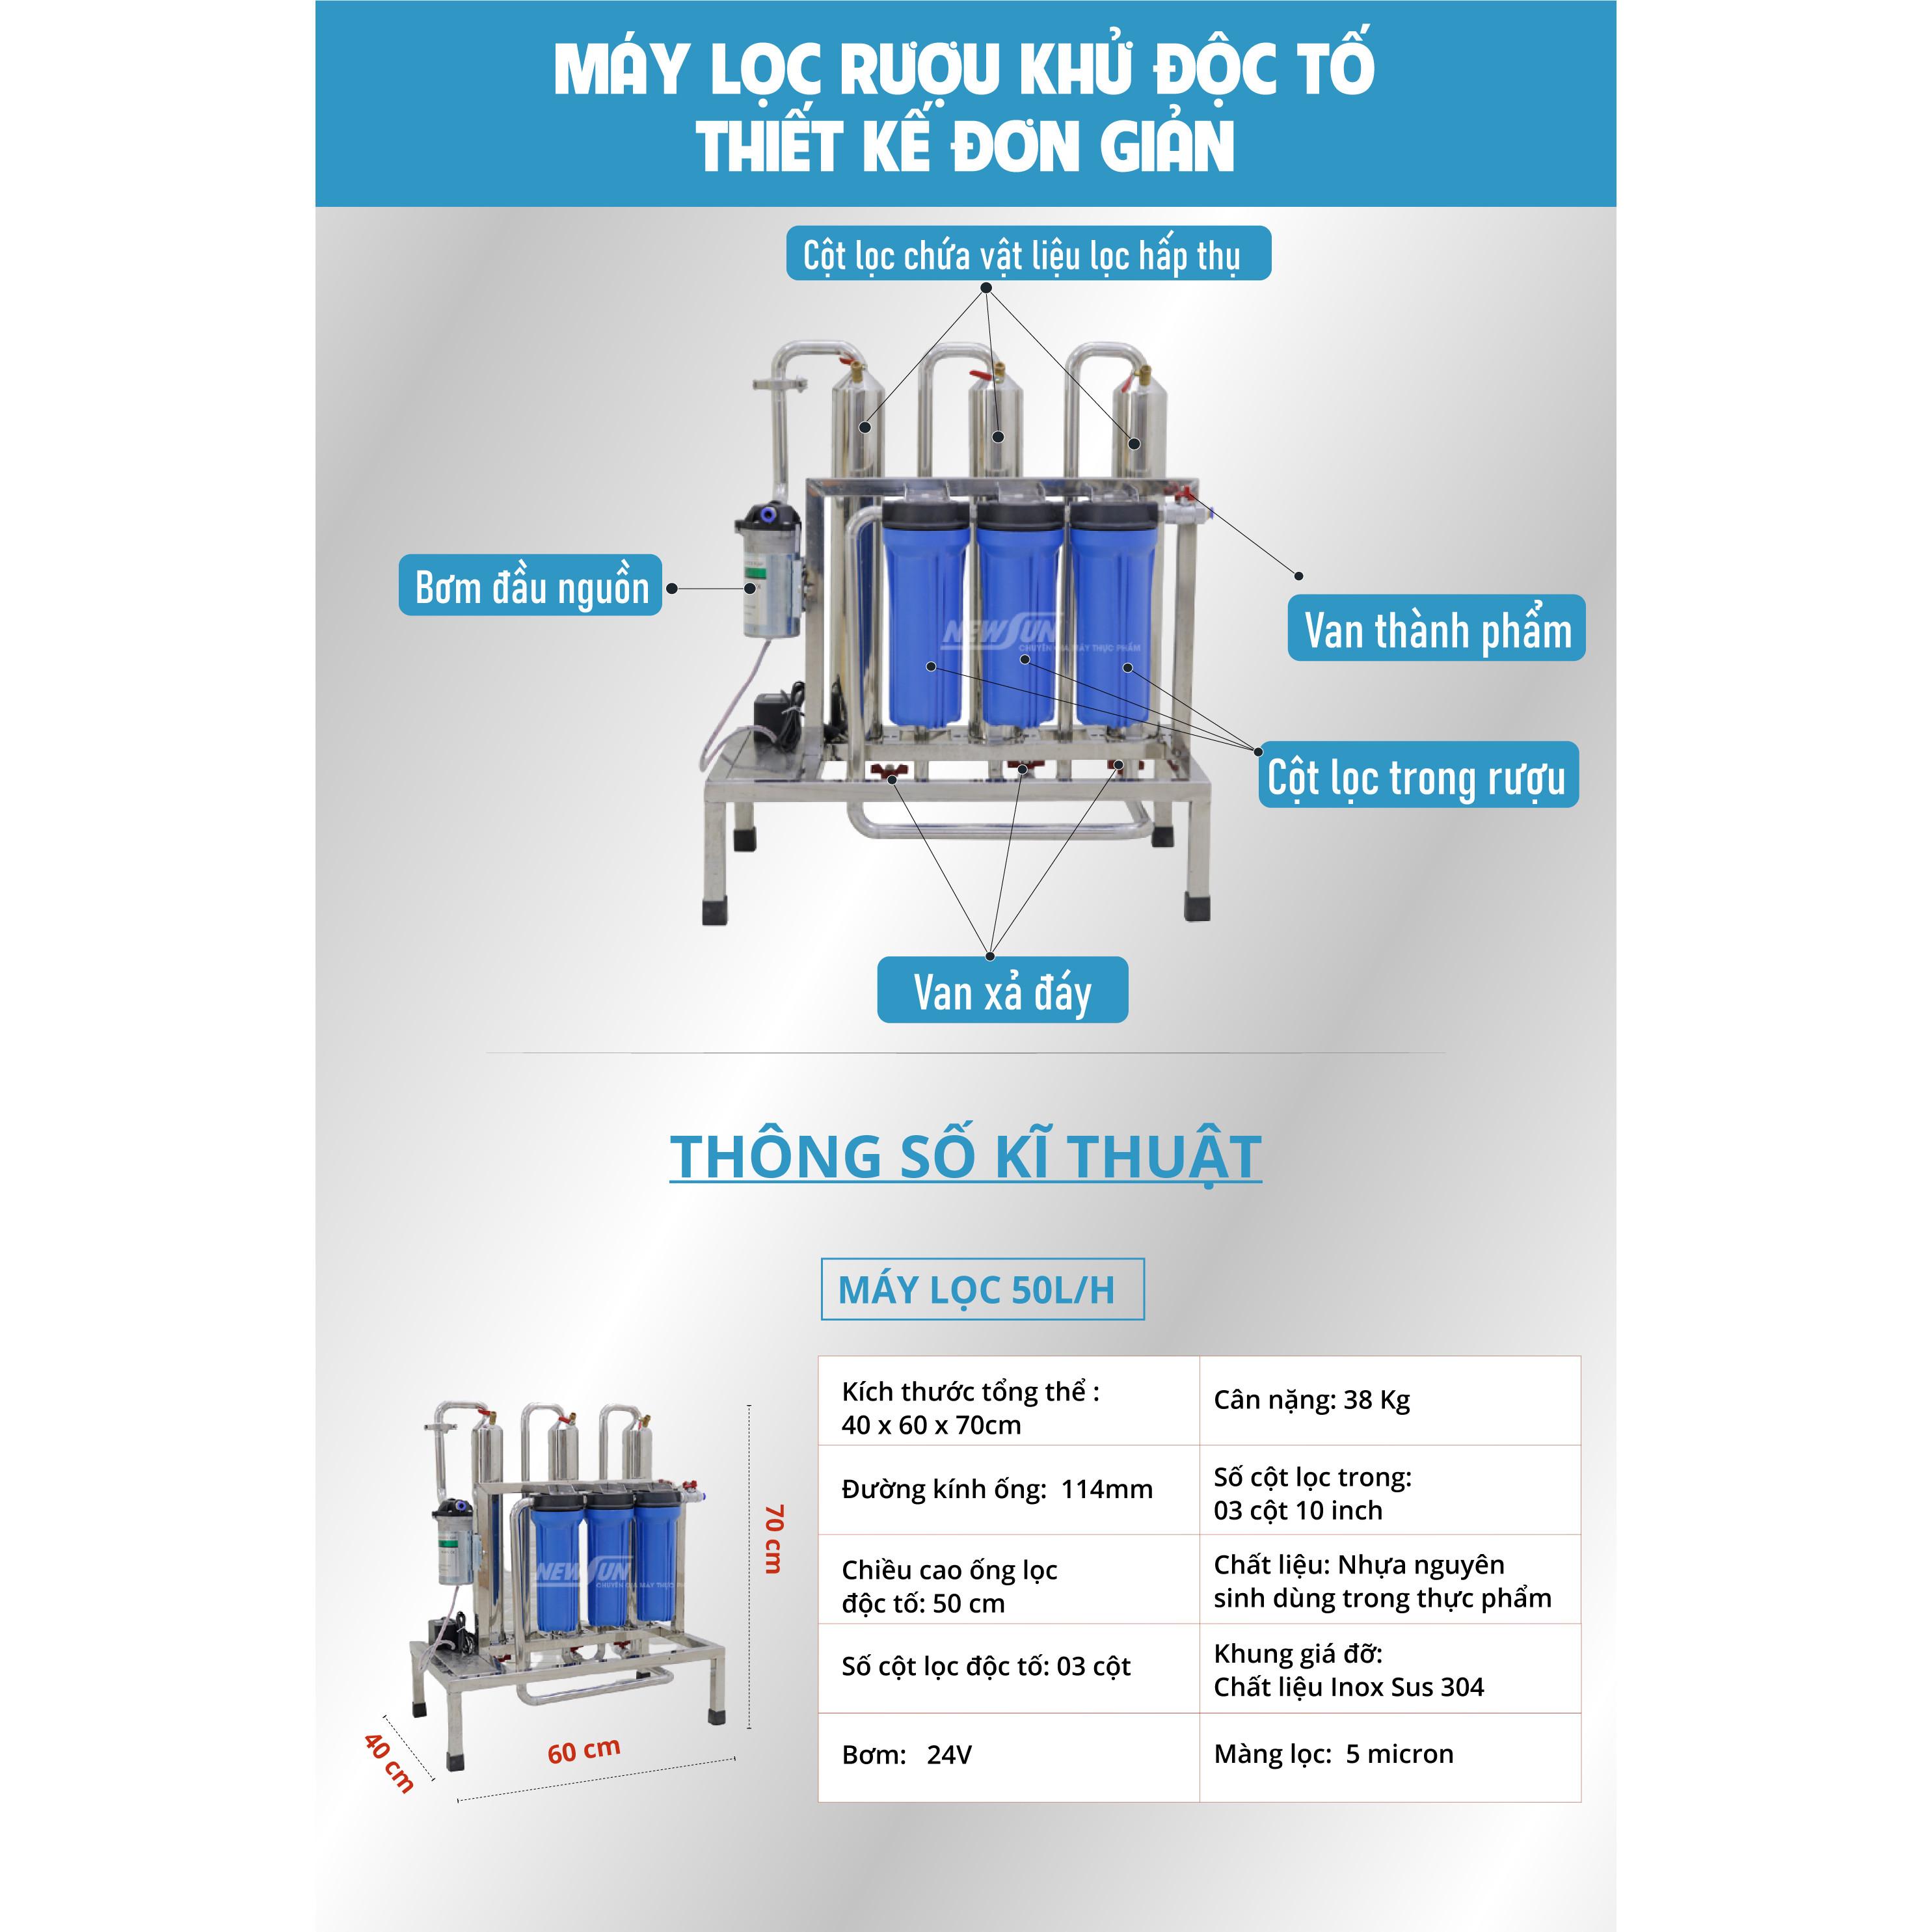 Máy lọc và khử độc tố methanol NEWSUN 50L/h lọc nhanh, thơm, ngon - Hàng chính hãng